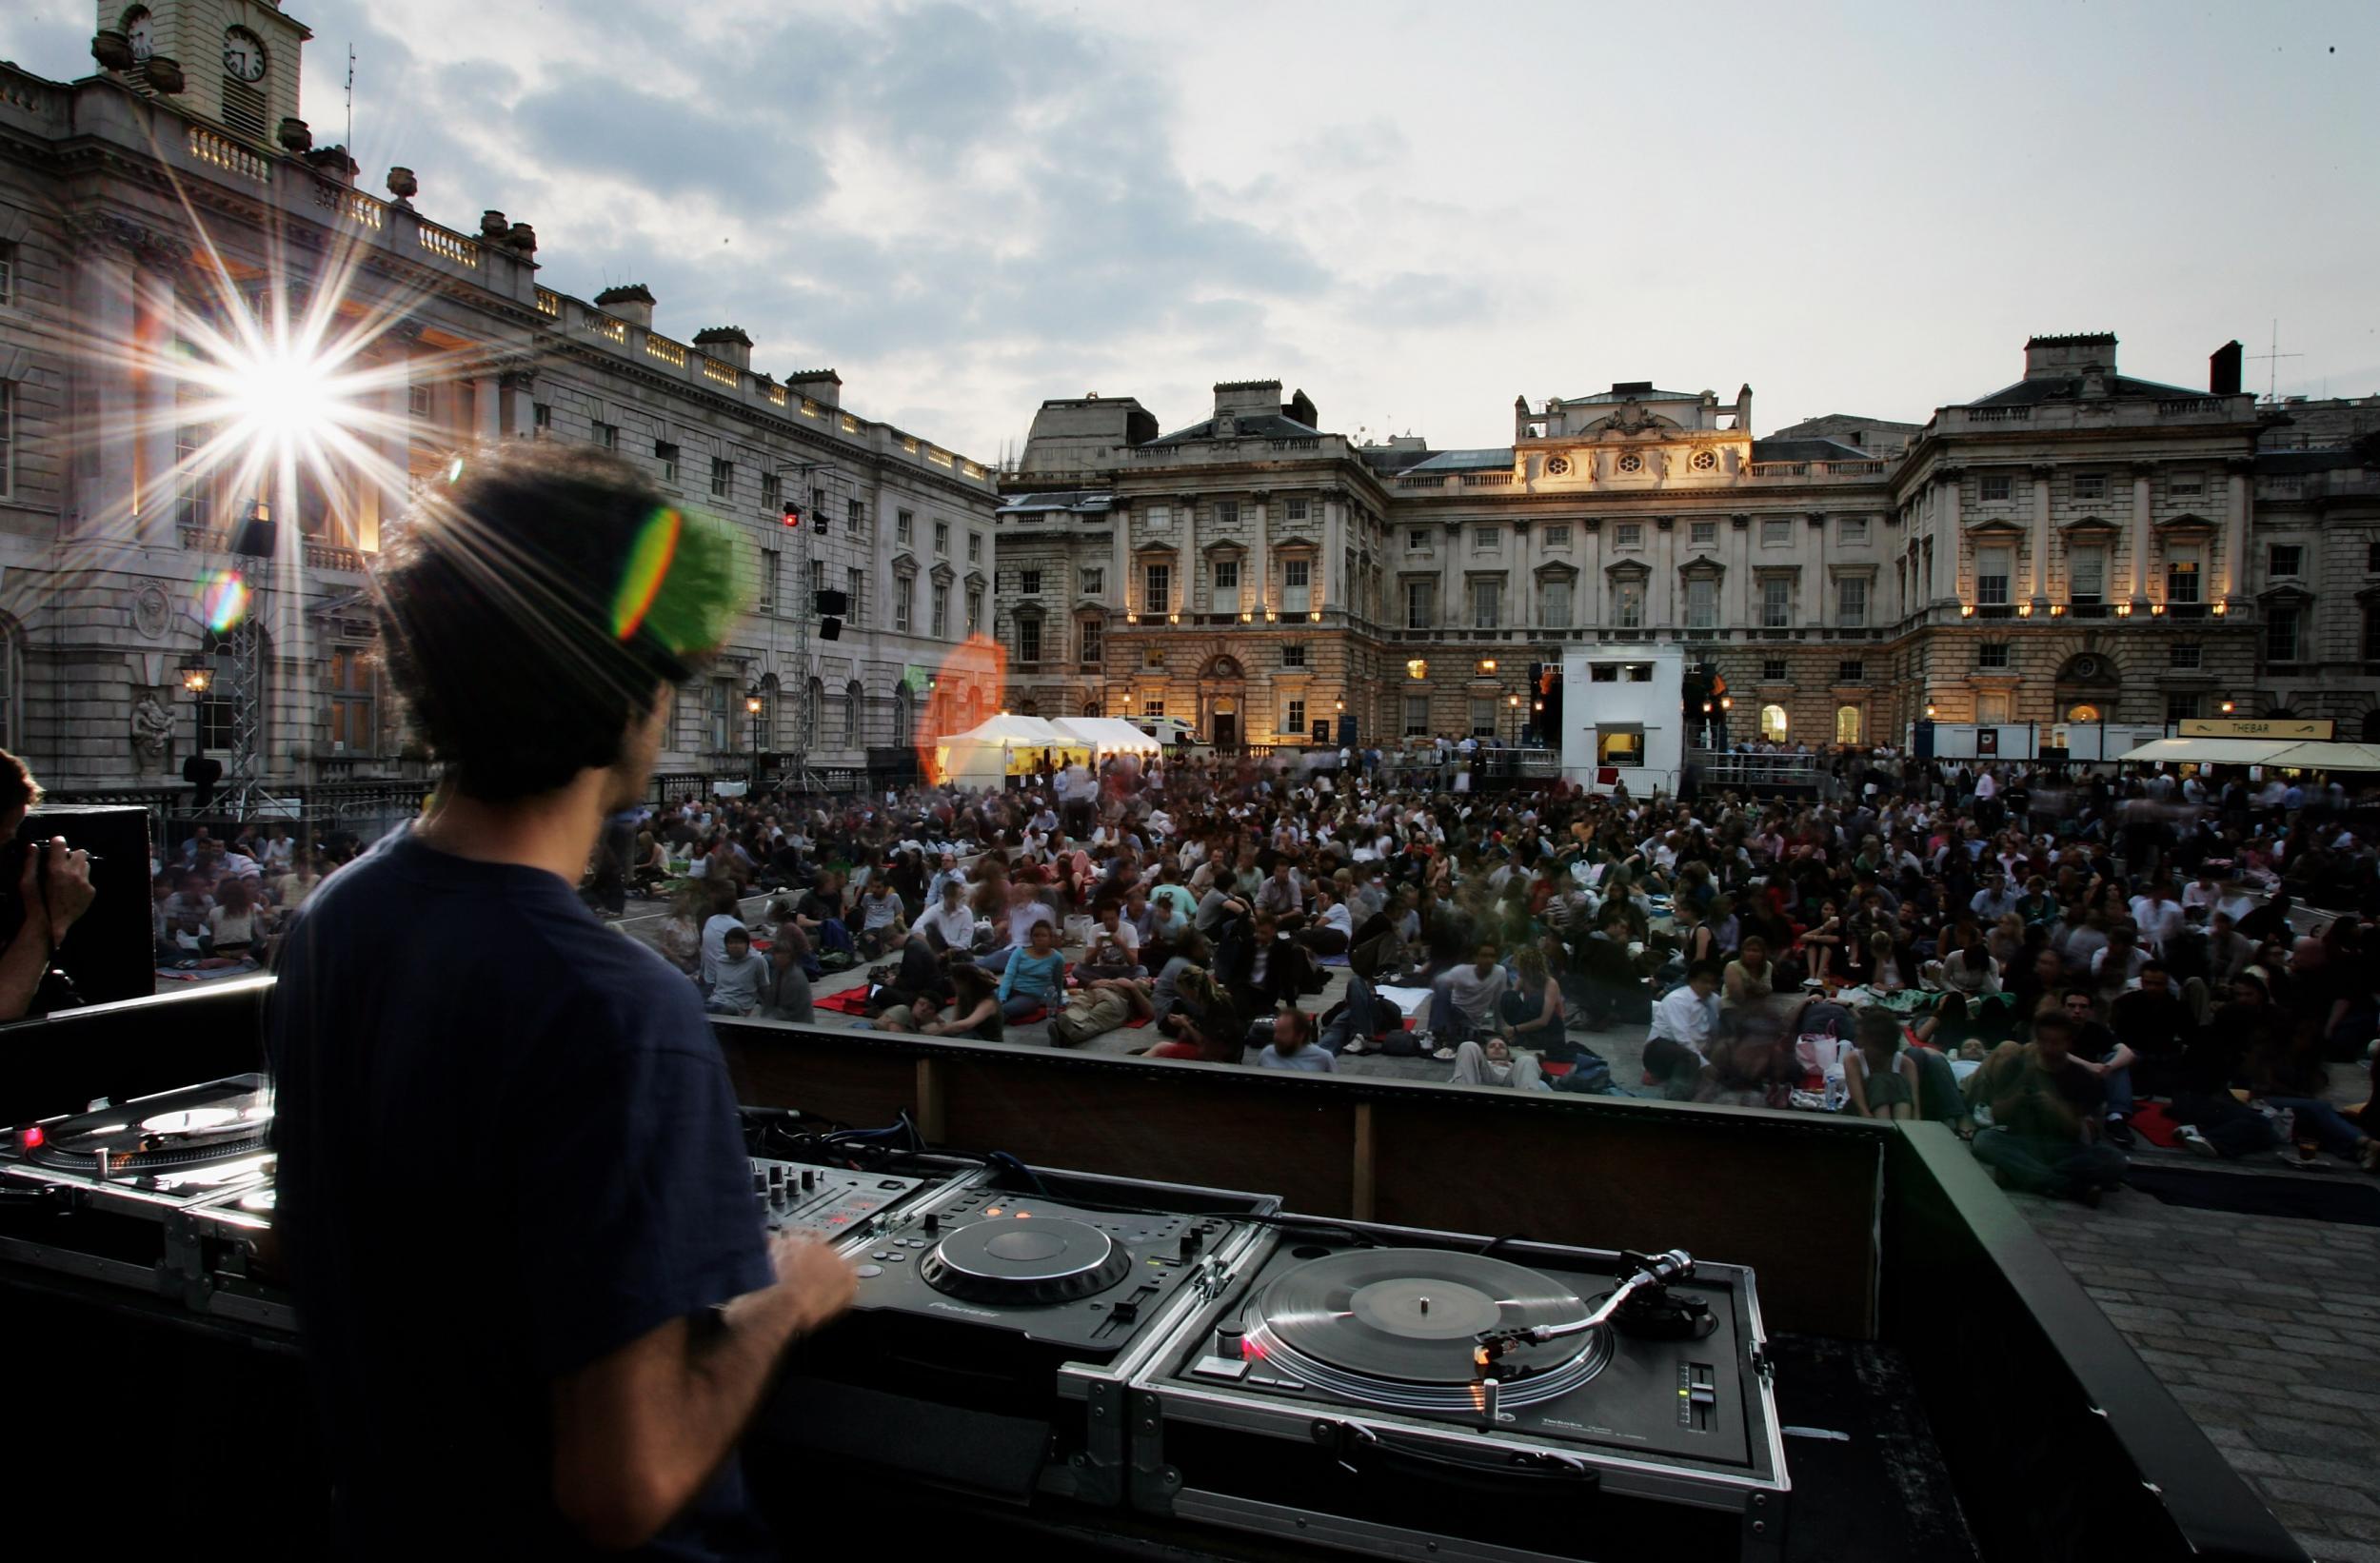 Summer Series de Somerset House: programme, tickets, comment s'y rendre et plus